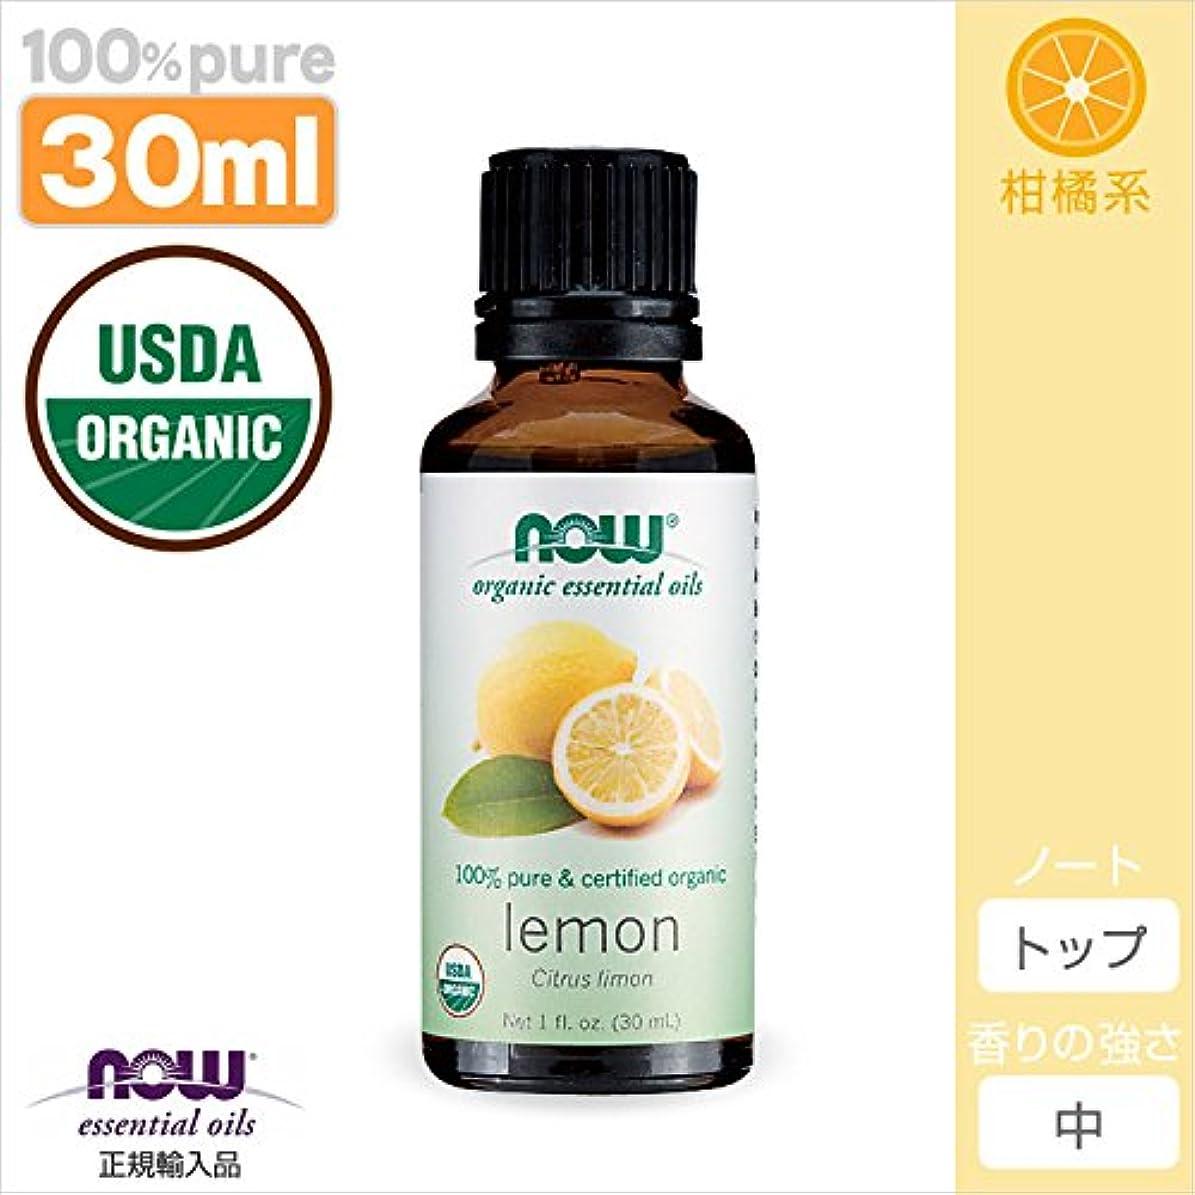 高価な代名詞偶然のレモン精油オーガニック[30ml] 【正規輸入品】 NOWエッセンシャルオイル(アロマオイル)